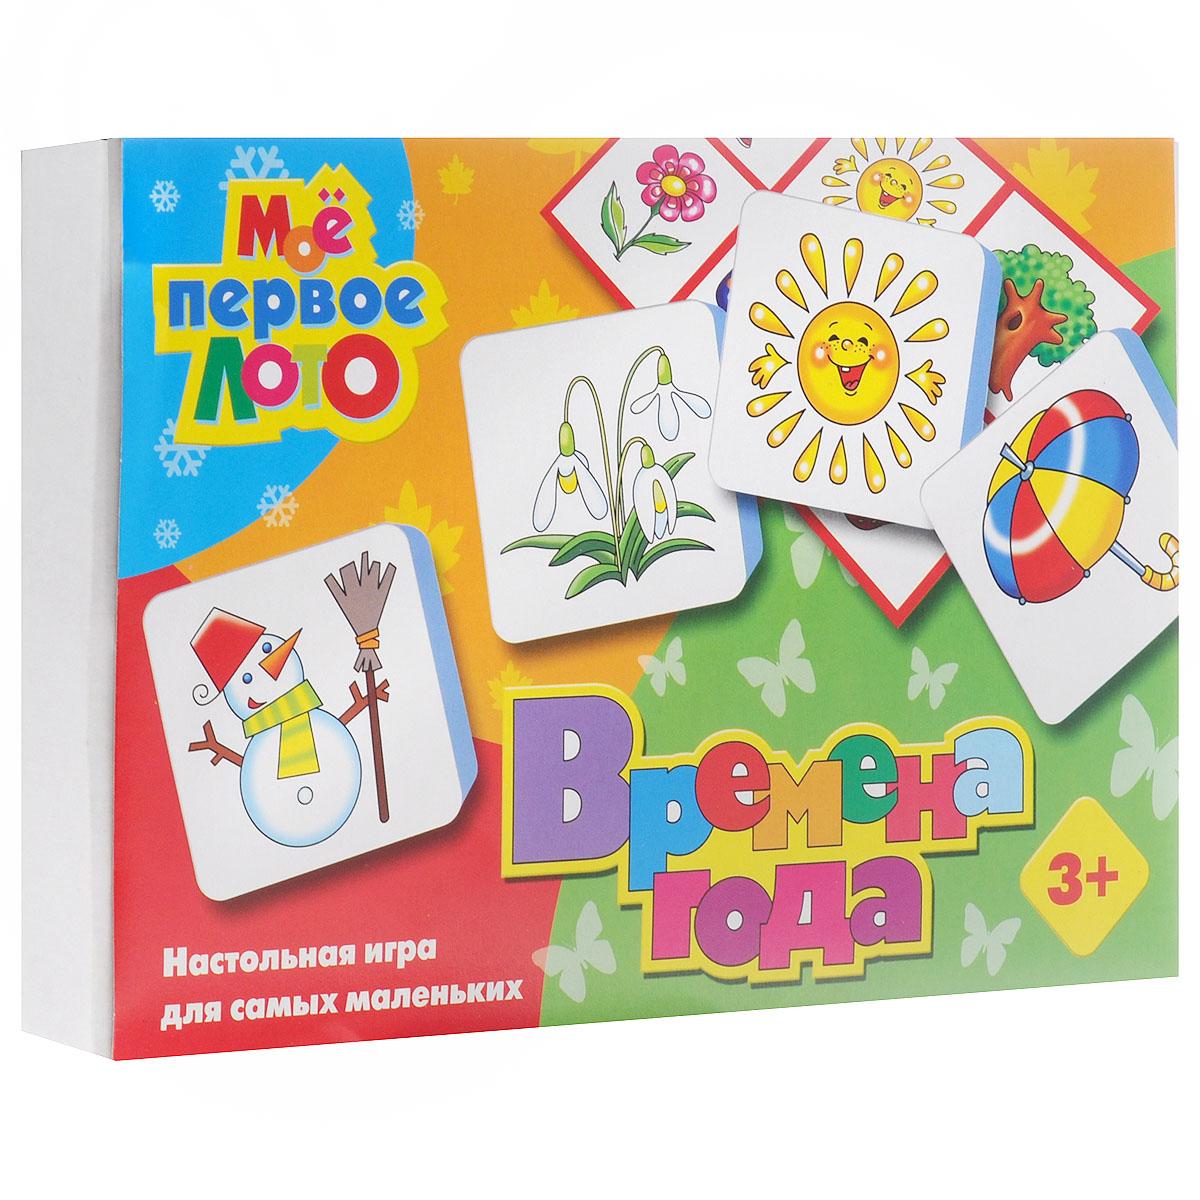 Лото Мое первое лото: Времена года01358Лото Мое первое лото: Времена года позволит вам и вашему малышу весело и с пользой провести время, ведь совместная игра - лучший способ узнать ребенка и научить его чему-нибудь новому. Комплект игры включает в себя 24 крупные мягкие фишки с красочными изображениями атрибутов различных времен года, а также 4 картонные карточки с соответствующими изображениями. Подробные правила 8 вариантов игры вы прочтете на обратной стороне упаковки. Малыши учатся определять и выбирать нужные изображения, закрывая ими карточки. Дети постарше стараются запомнить, а потом назвать предметы на картинках, которые переворачиваются изображением вниз. Можно играть в игры, указанные в правилах, а можно придумать свои собственные. Подбирая картинки, дети не только запоминают их названия, но и тренируют мелкую моторику рук. Лото рекомендуется использовать при введении и закреплении лексических и речевых единиц, для расширения словарного запаса, формирования навыков произношения, закрепления...